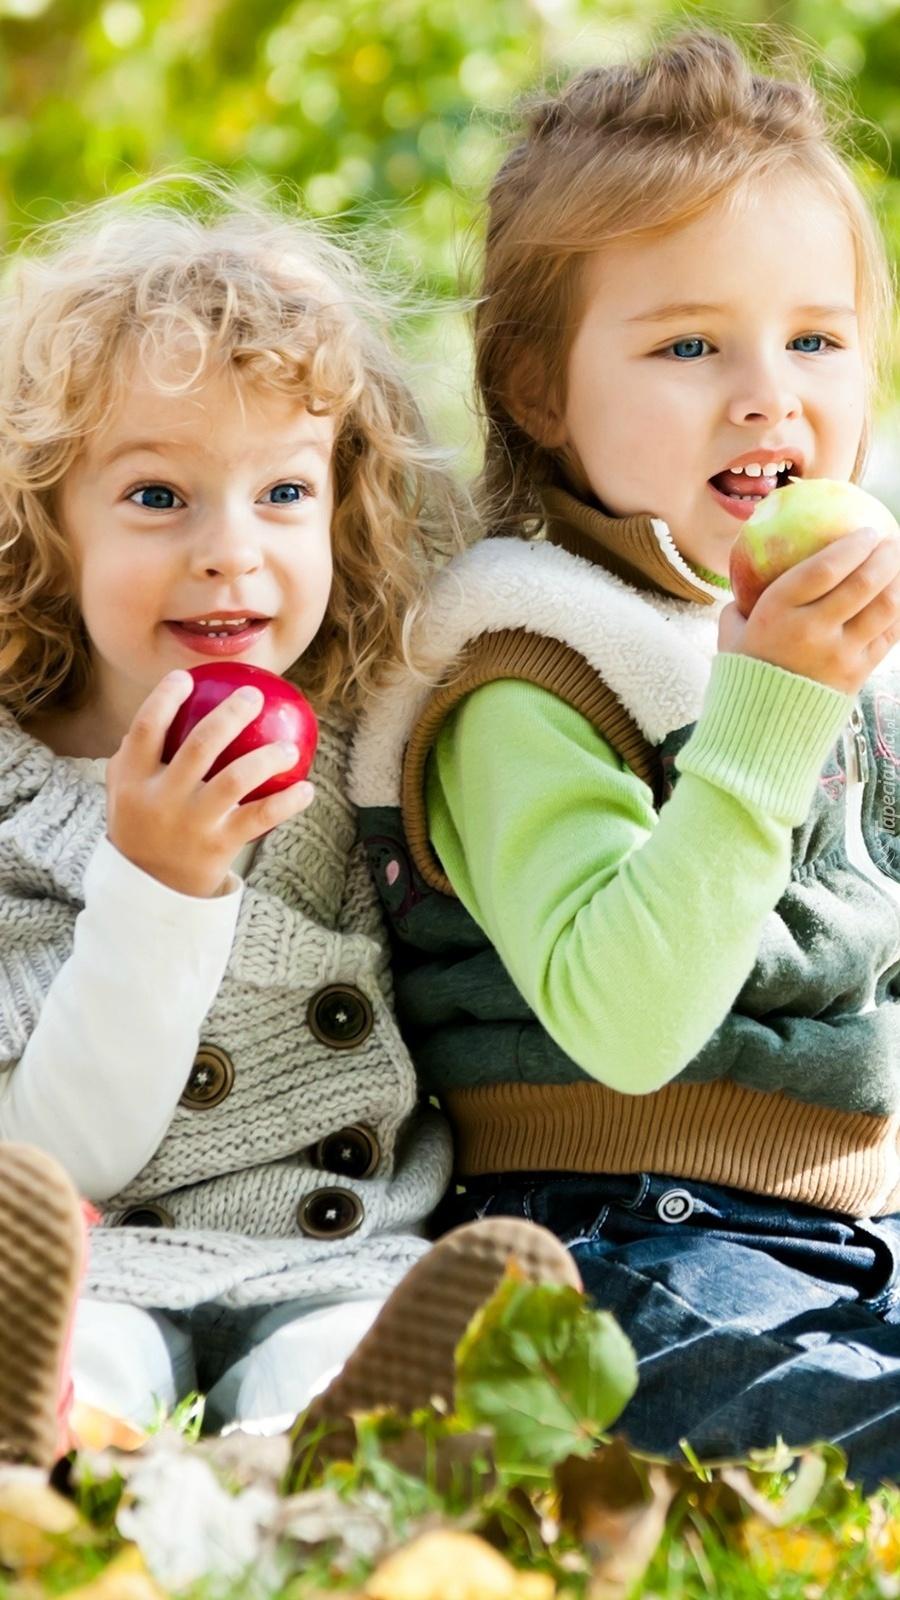 Dzieci na łące z jabłkami w rękach